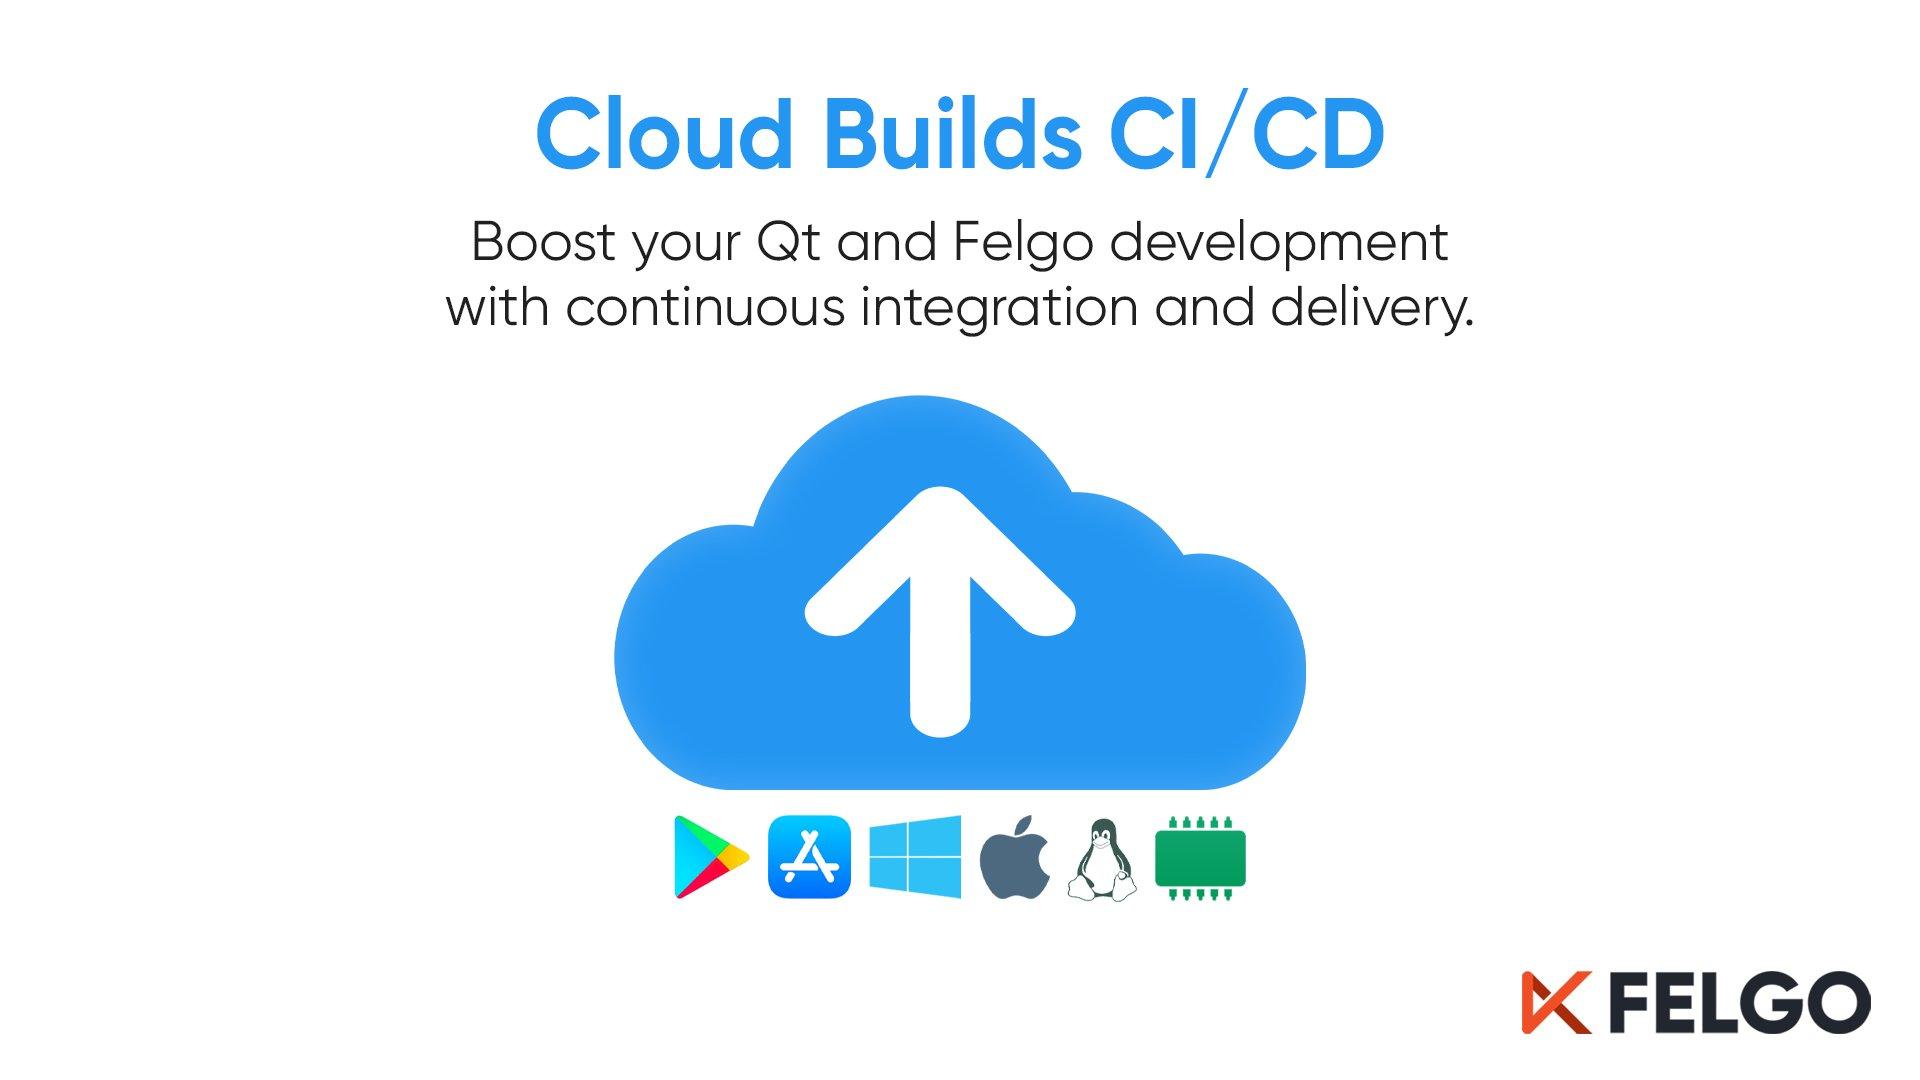 CloudBuildsGraphic(1)-1